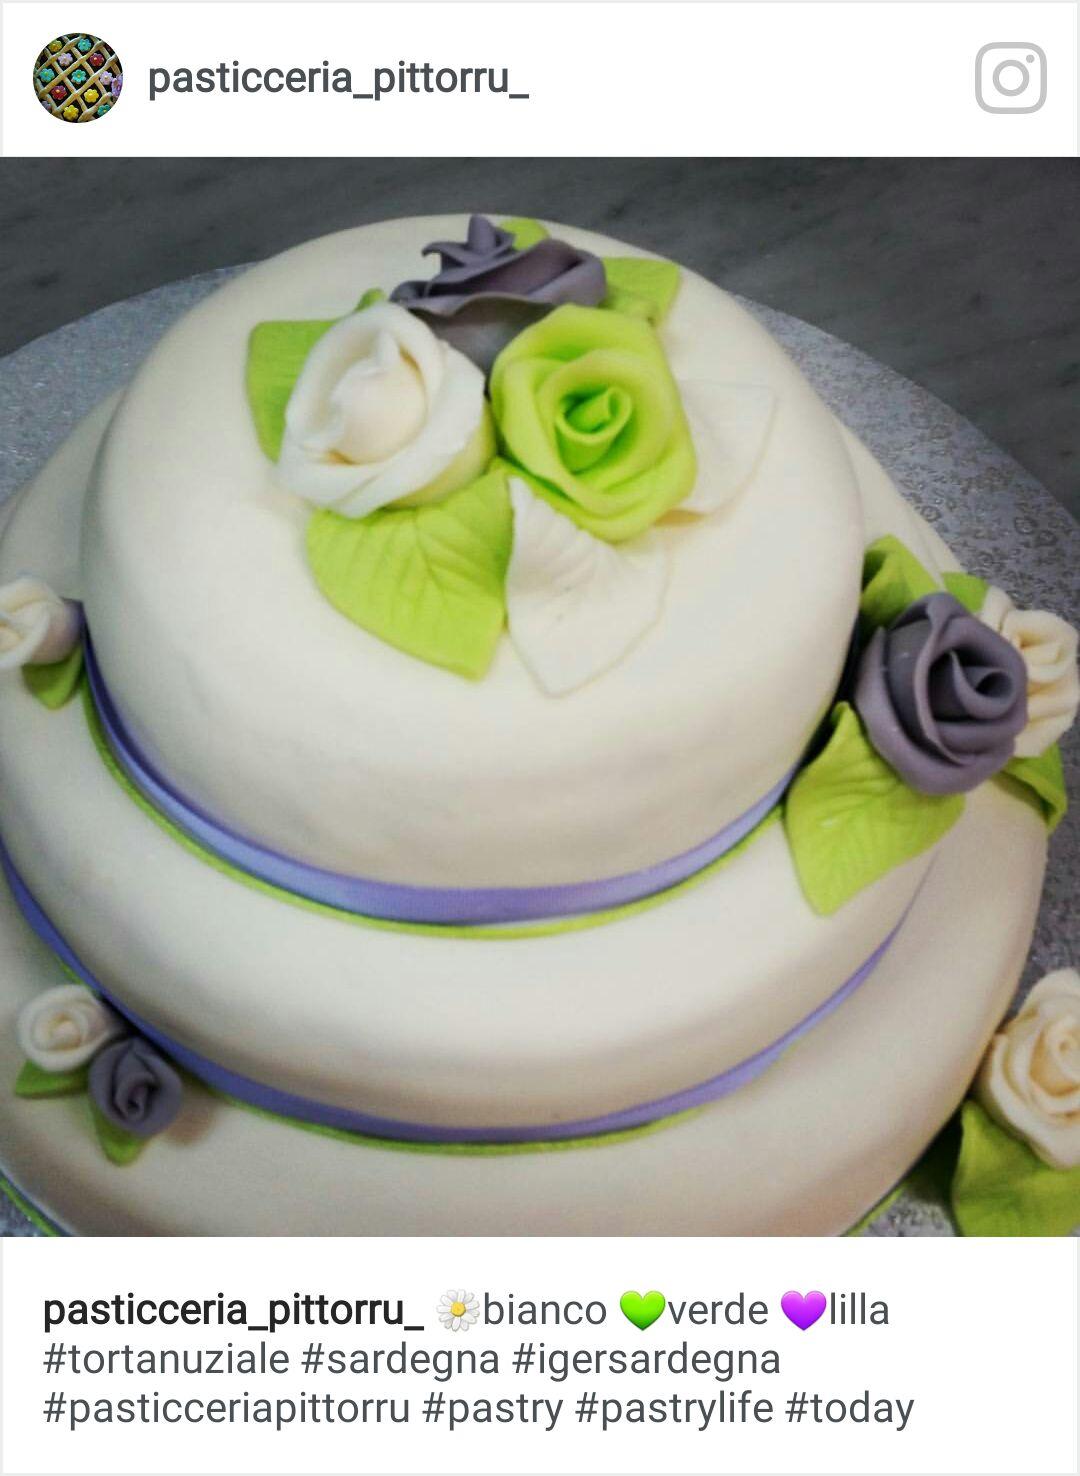 Torta con fondant bianca con rose di zucchero